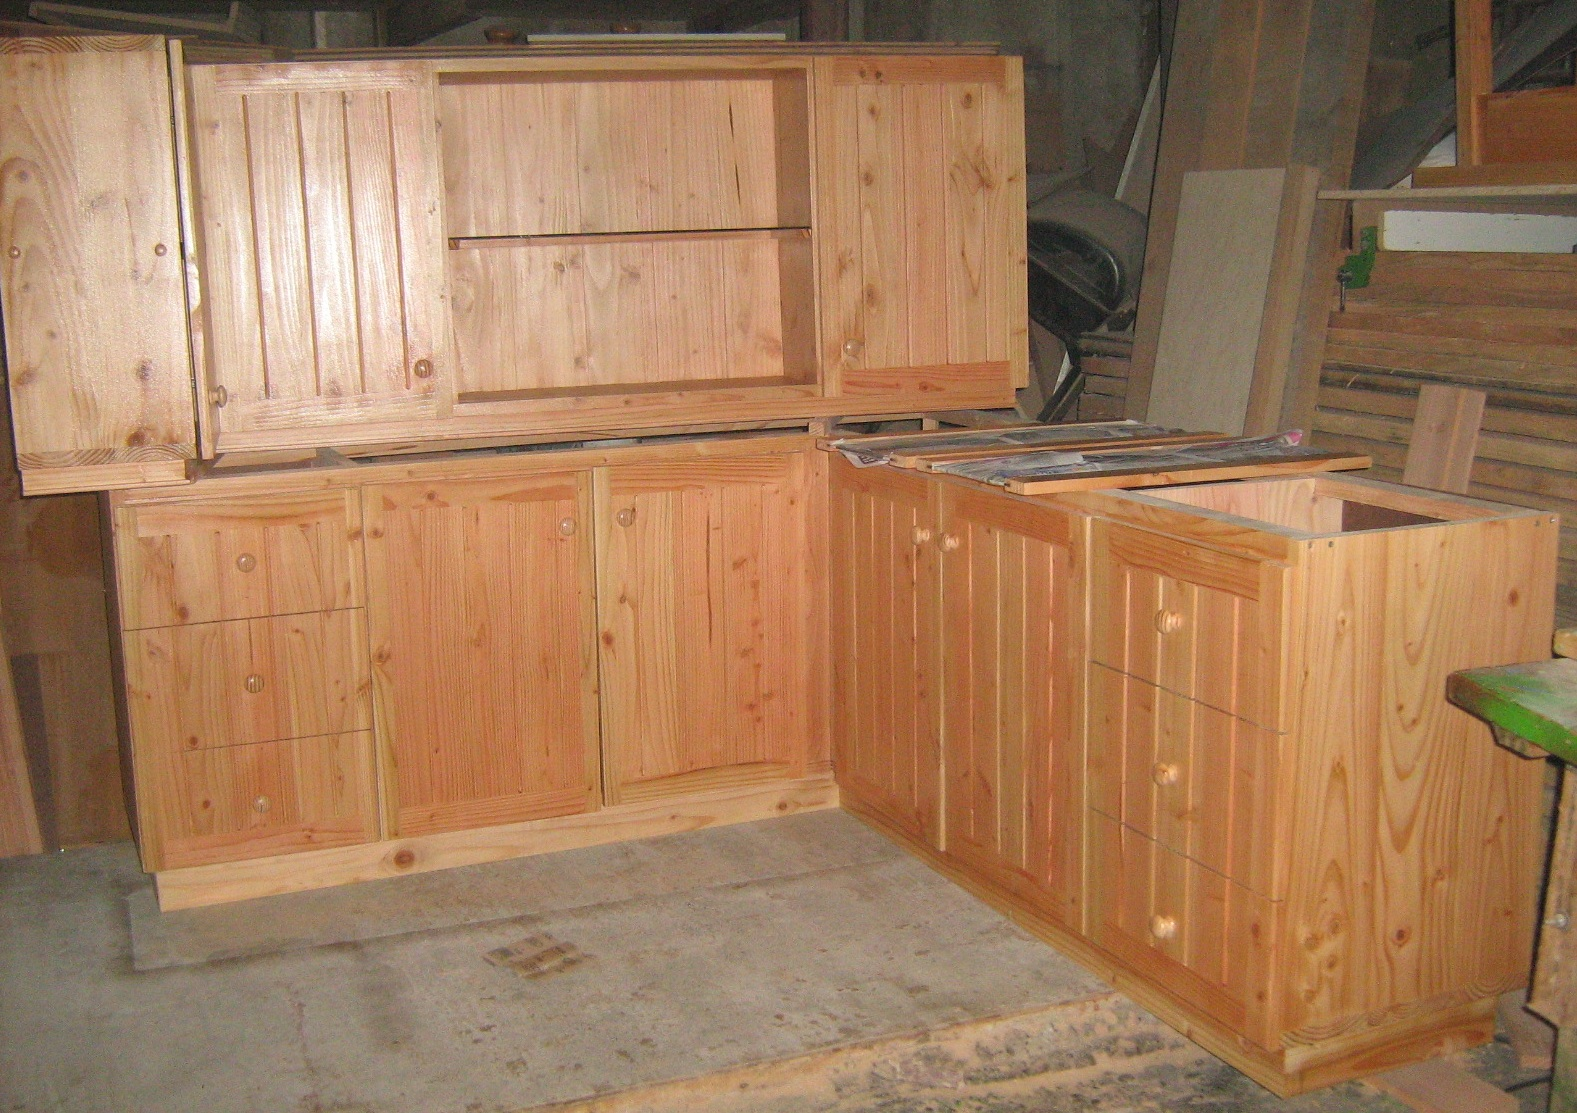 Mueble de cocina fabricaci n de muebles puertas y - Mueble rinconera cocina ...